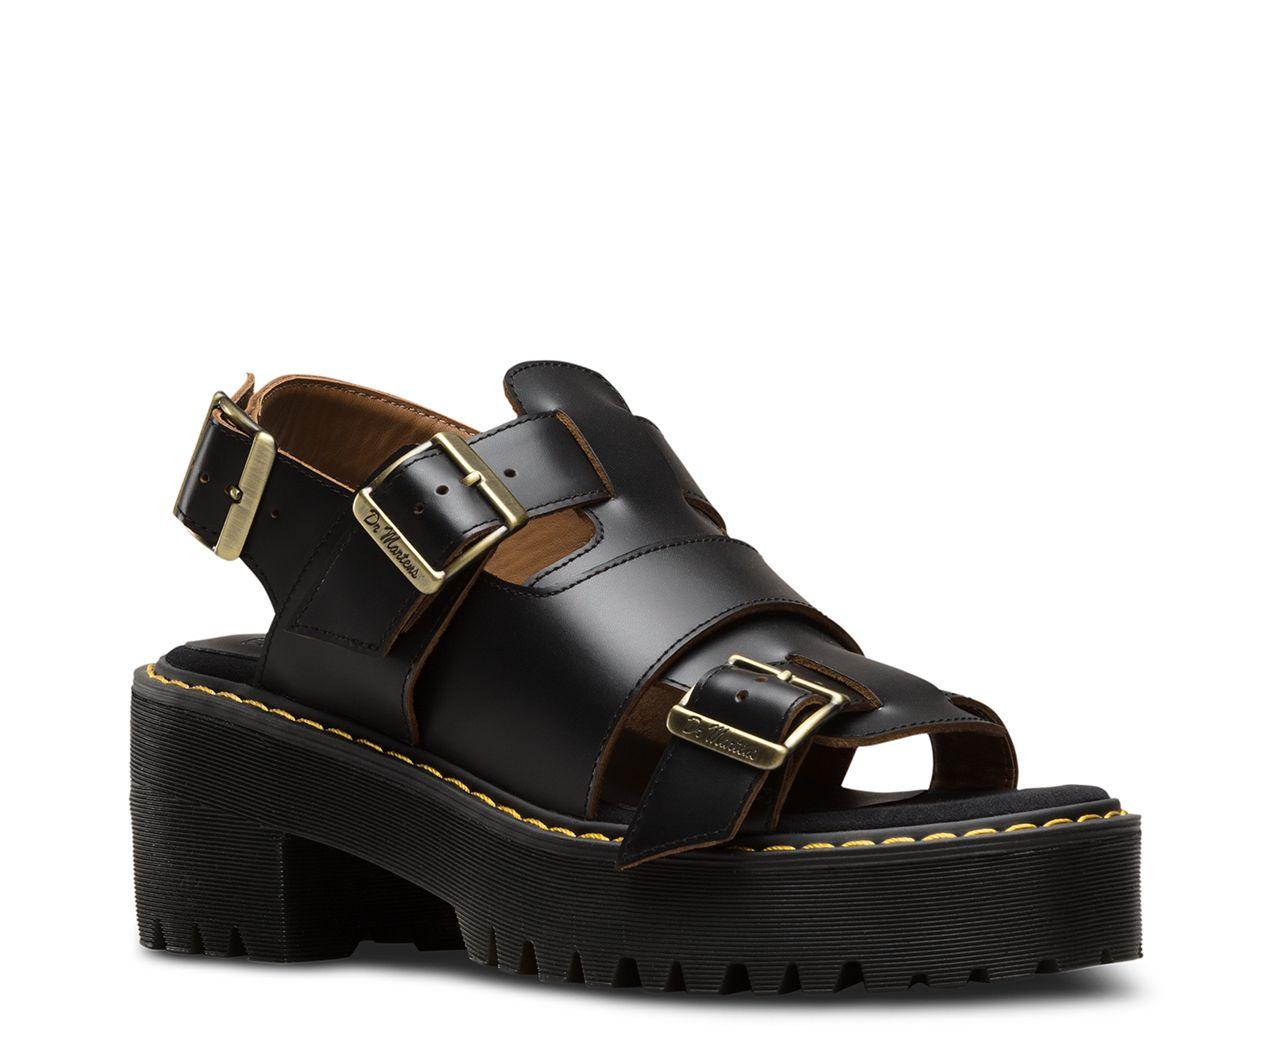 Dr martens ariel vintage smooth | Dr martens sandals